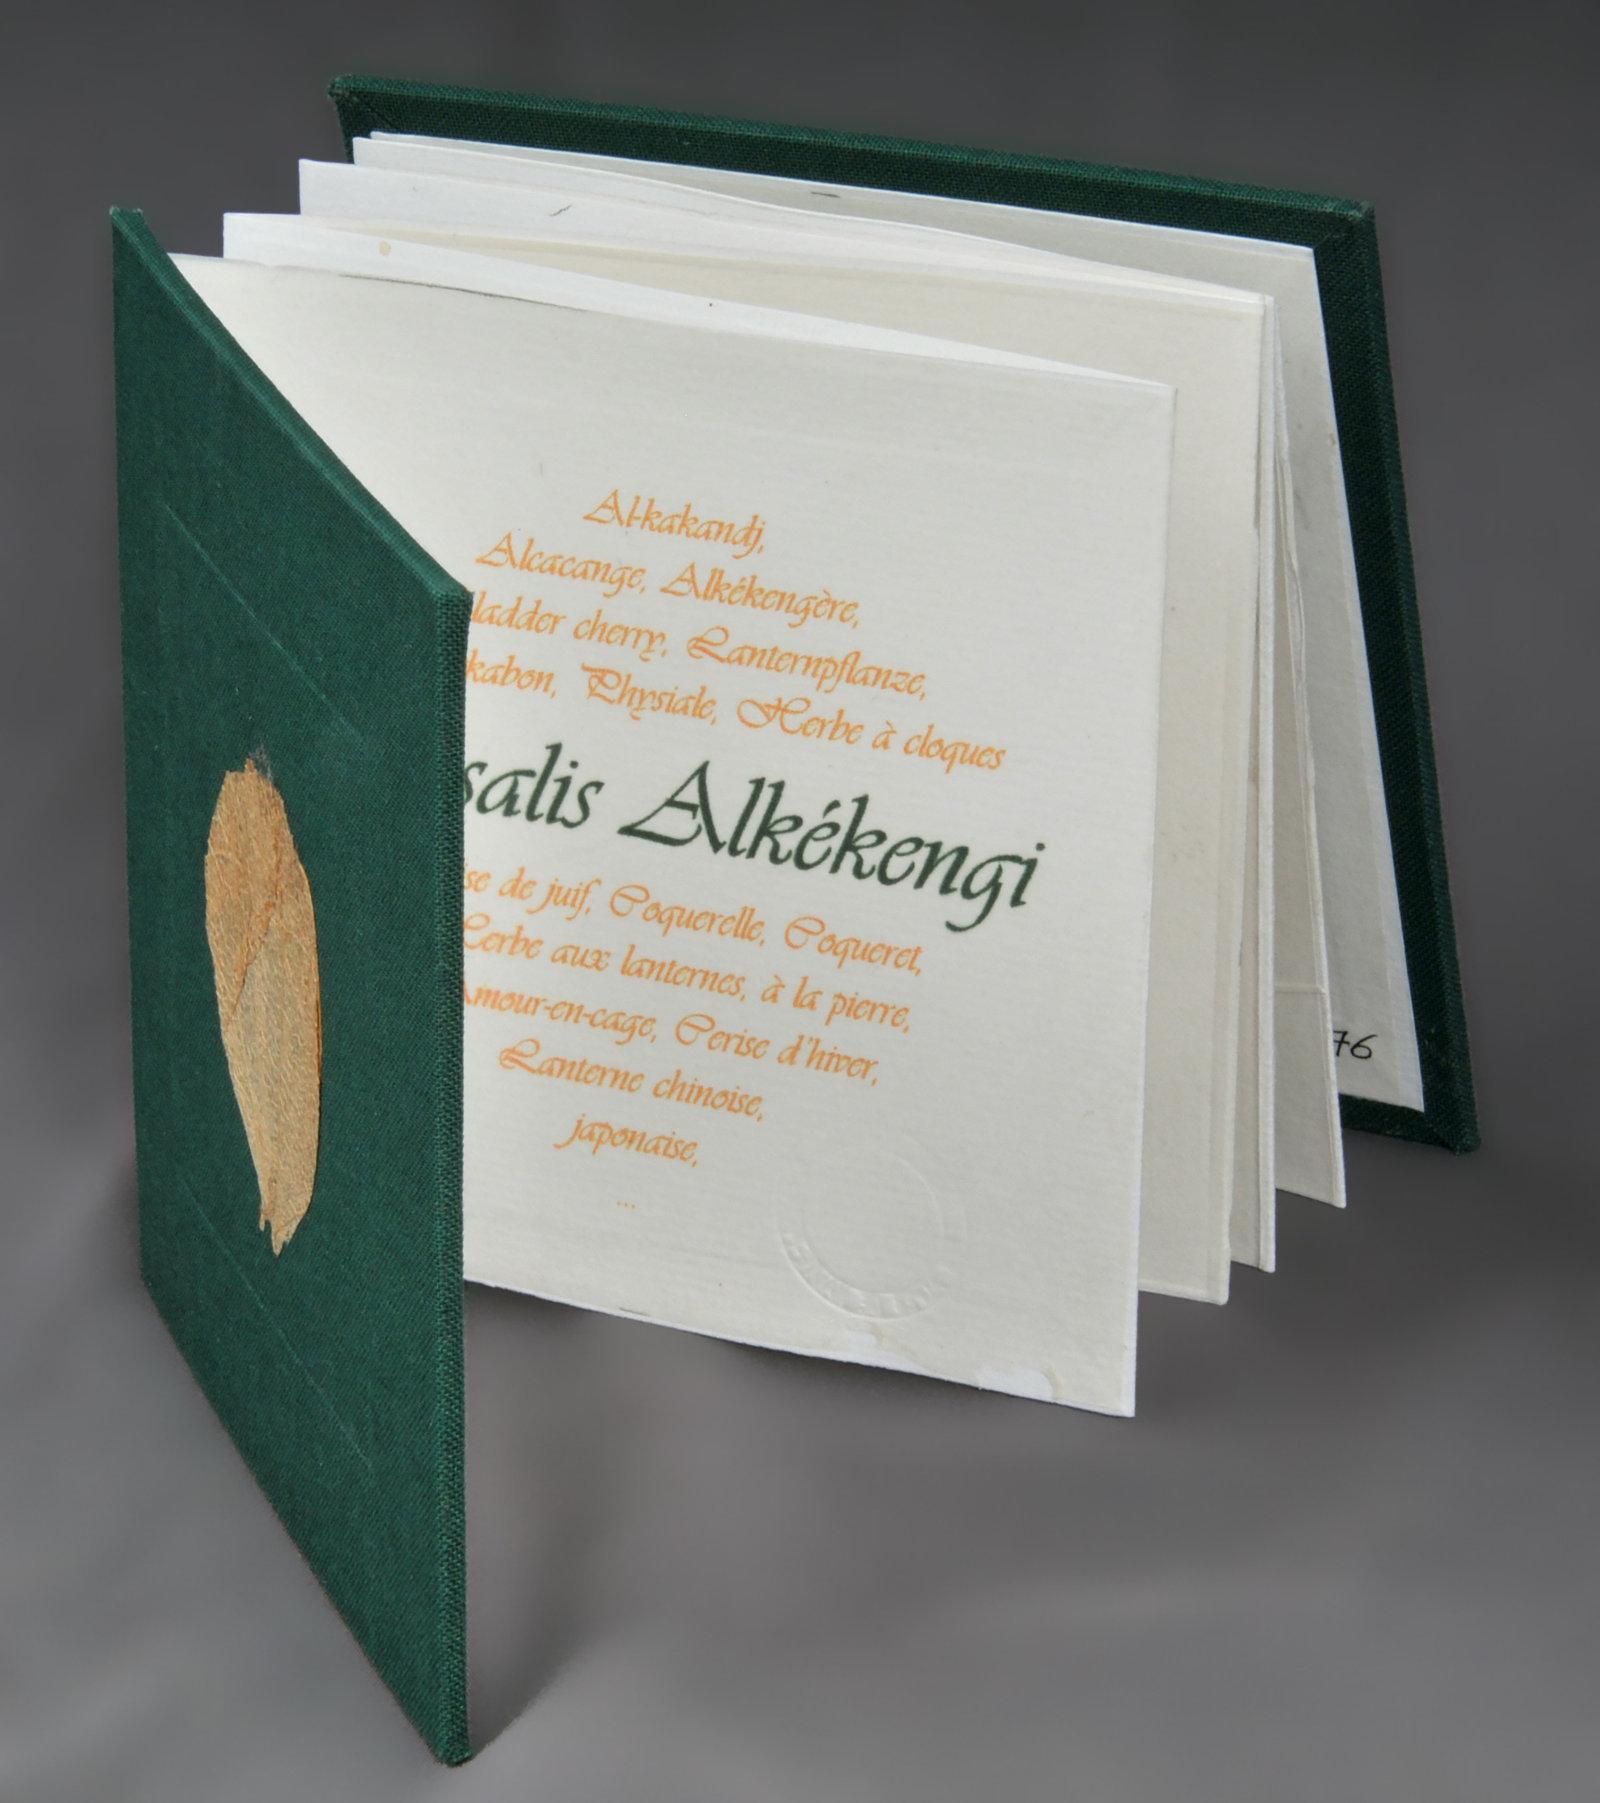 Physalis Alkékengi | Zéolzer, Anna. Auteur